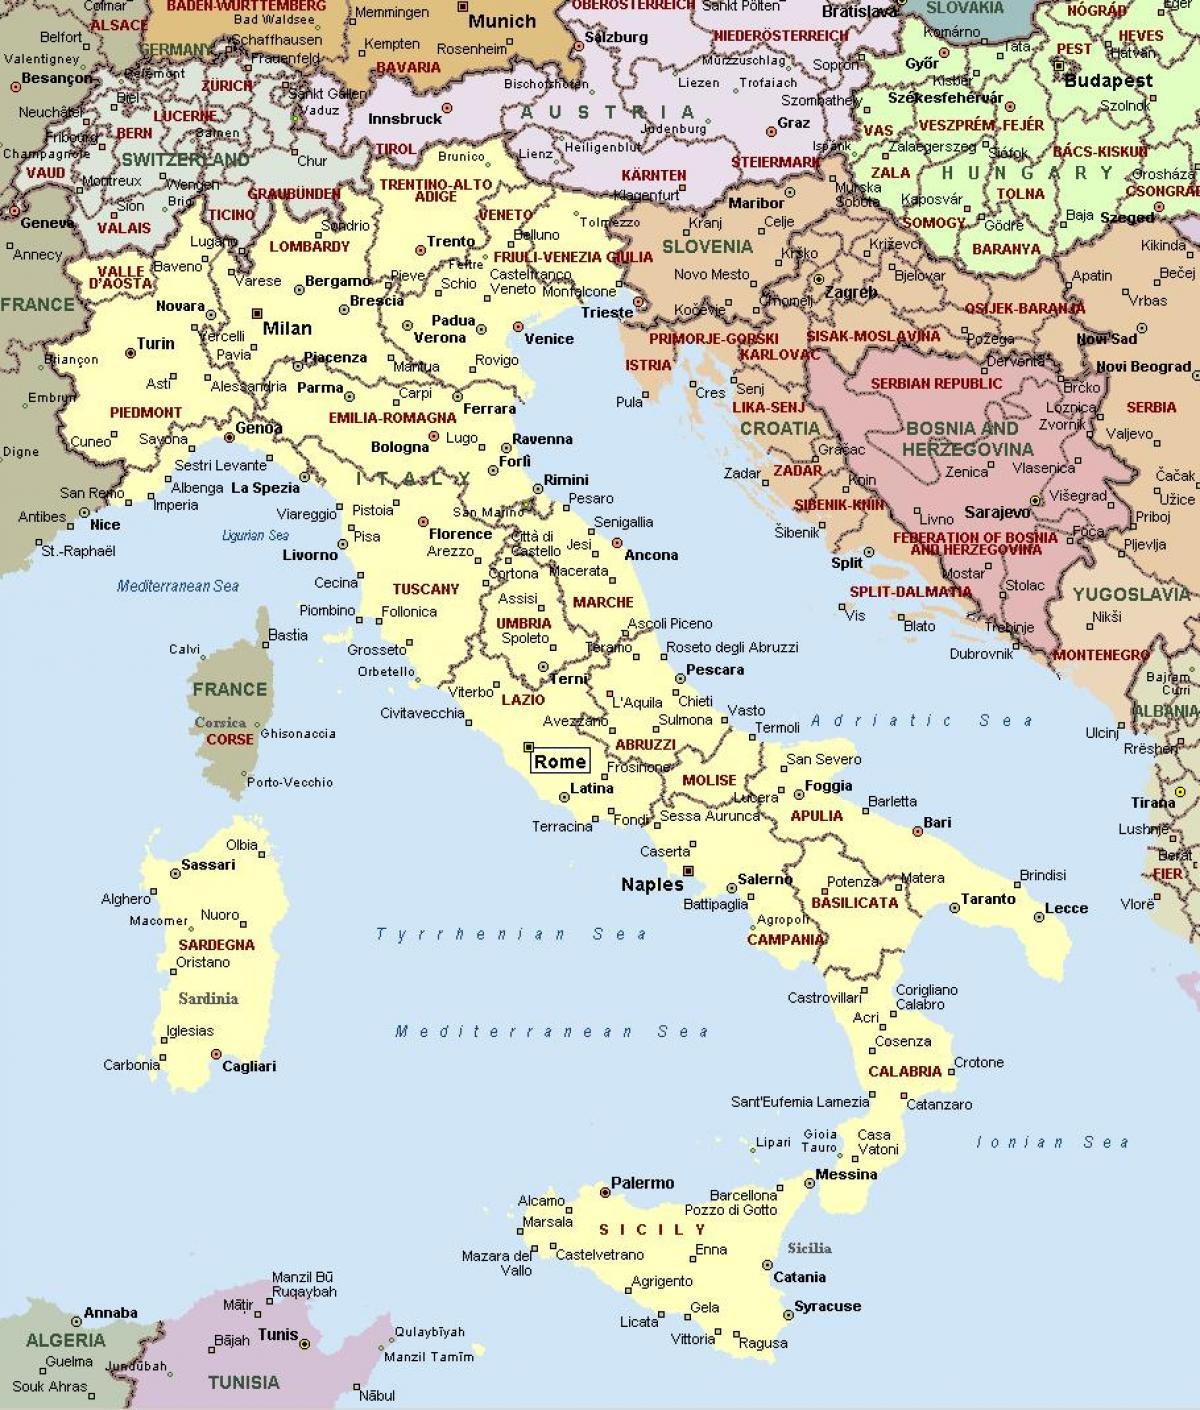 kart over italia Vest kysten av Italia kart   Kart over Italia vestkysten (Sør  kart over italia